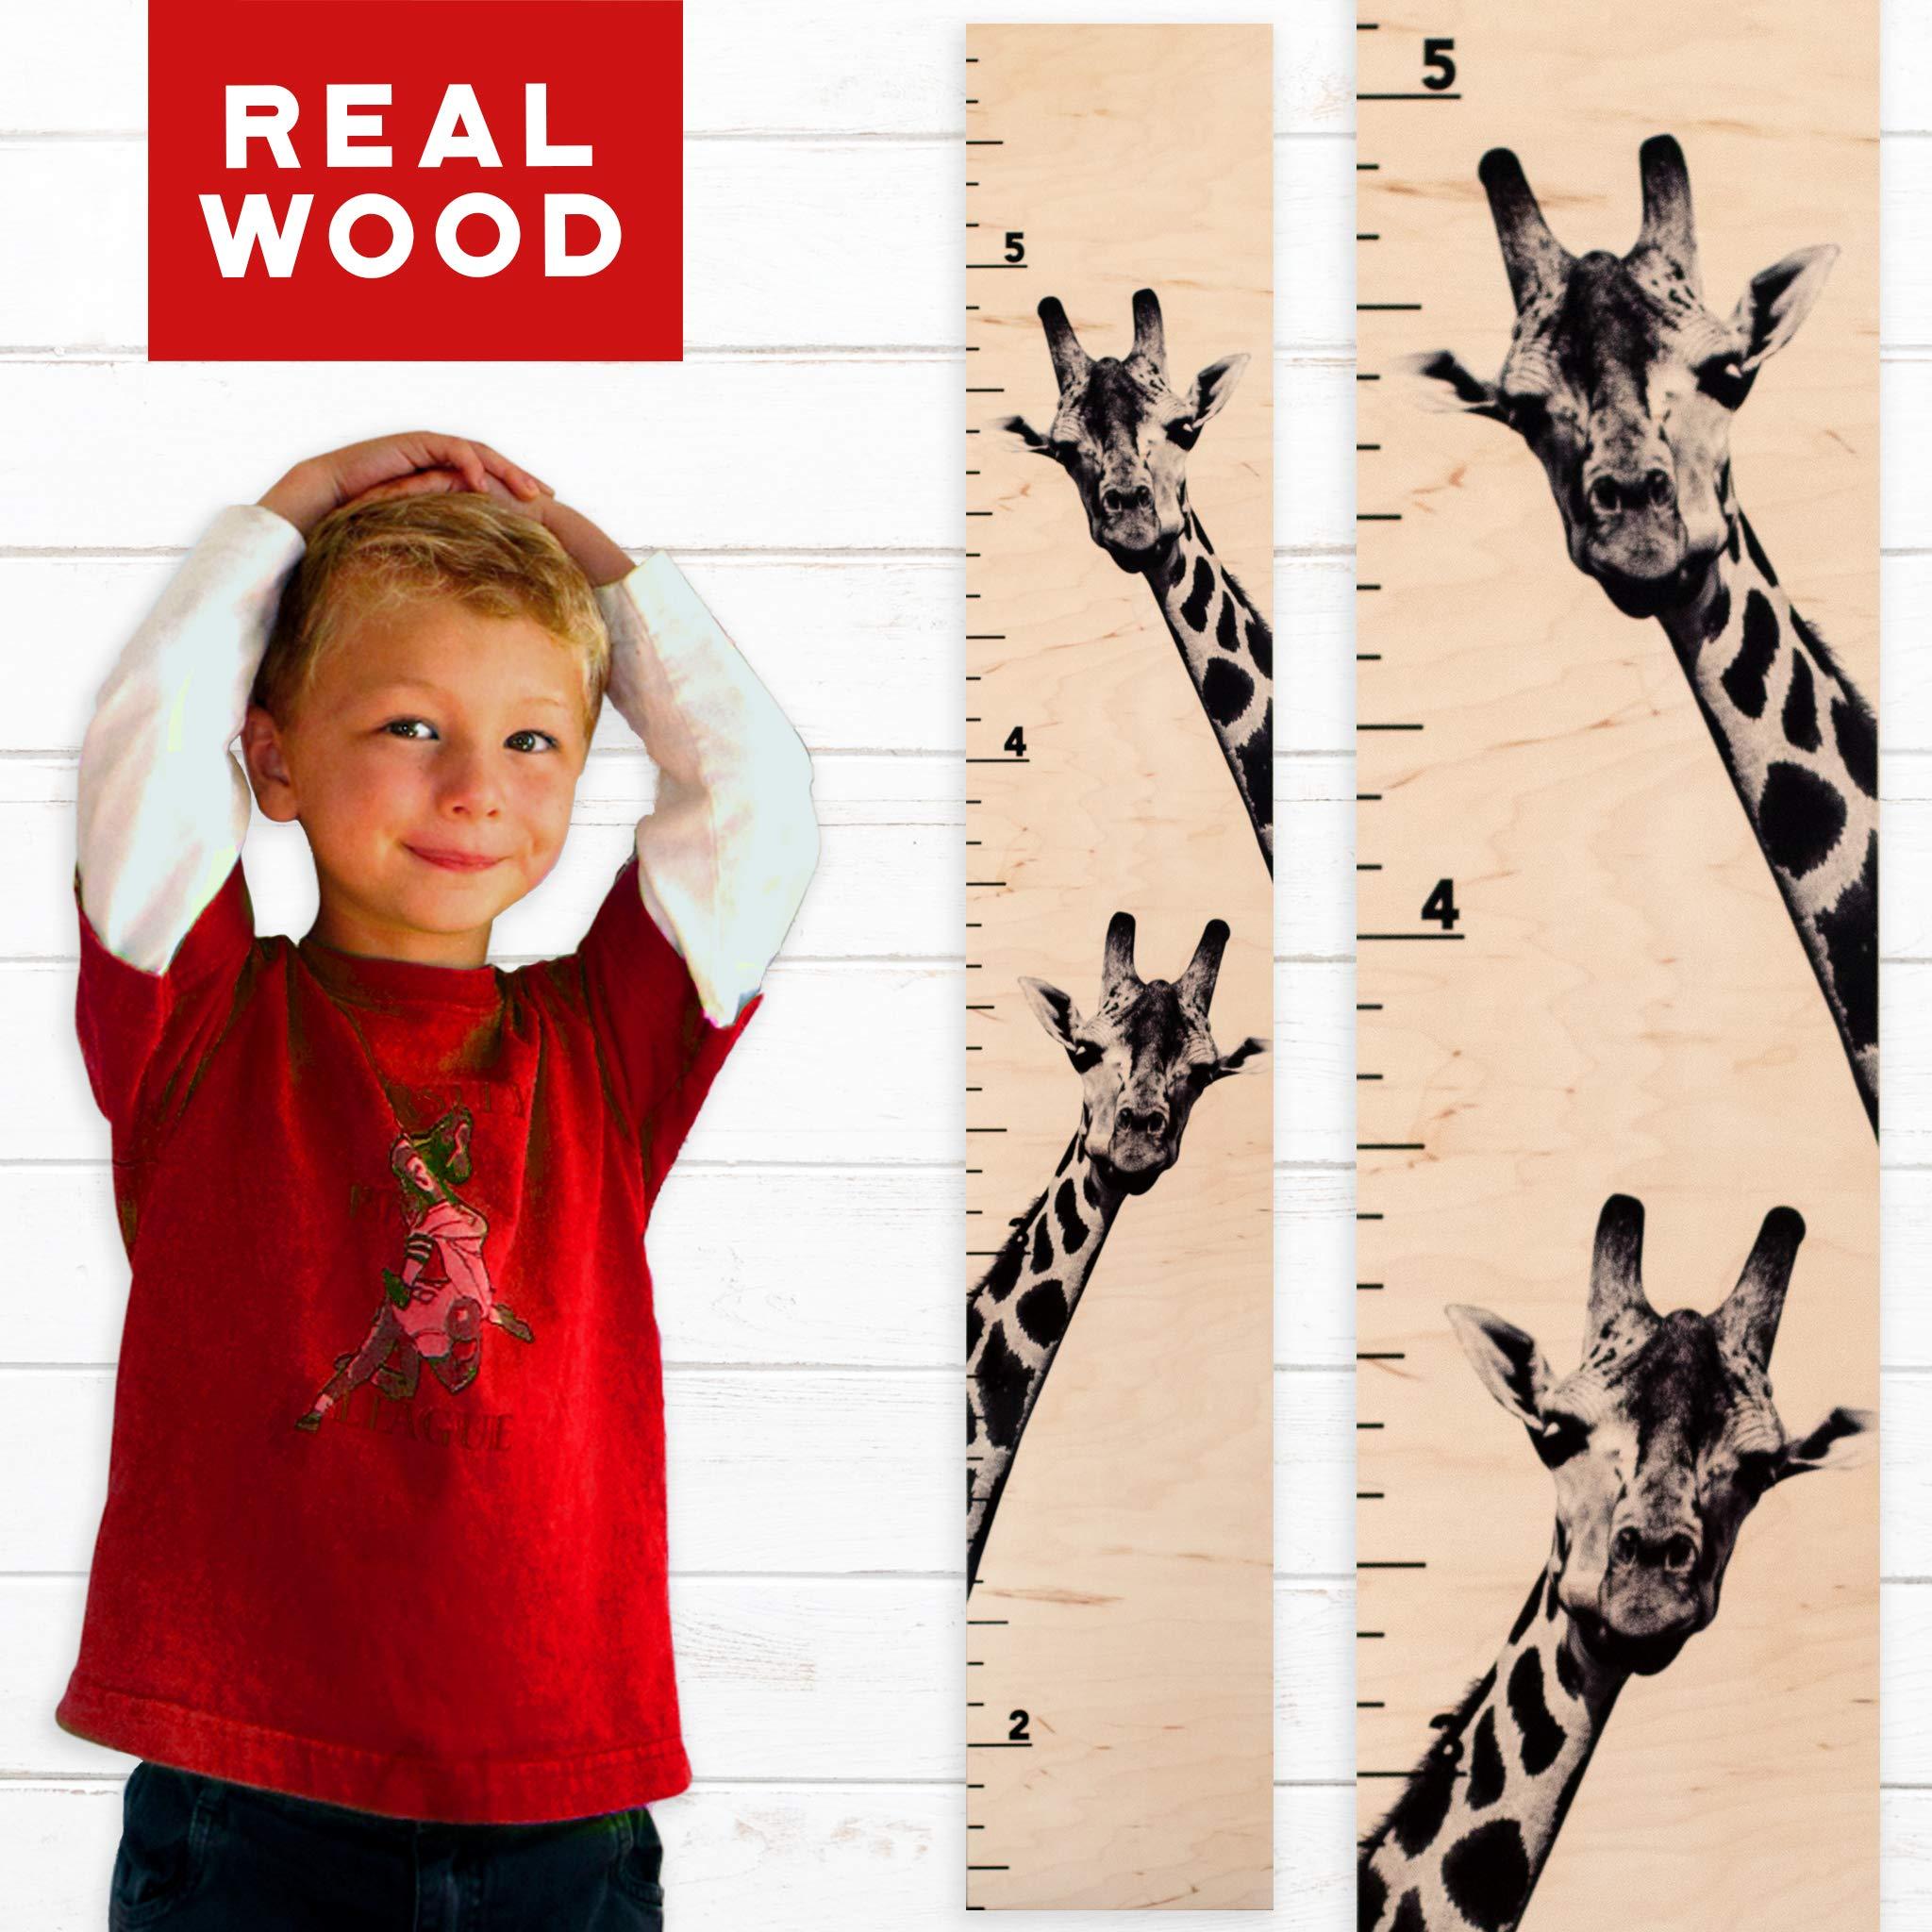 Growth Chart Art | Giraffe Growth Chart | Wooden Height Chart for Kids, Boys & Girls (Two Giraffes)